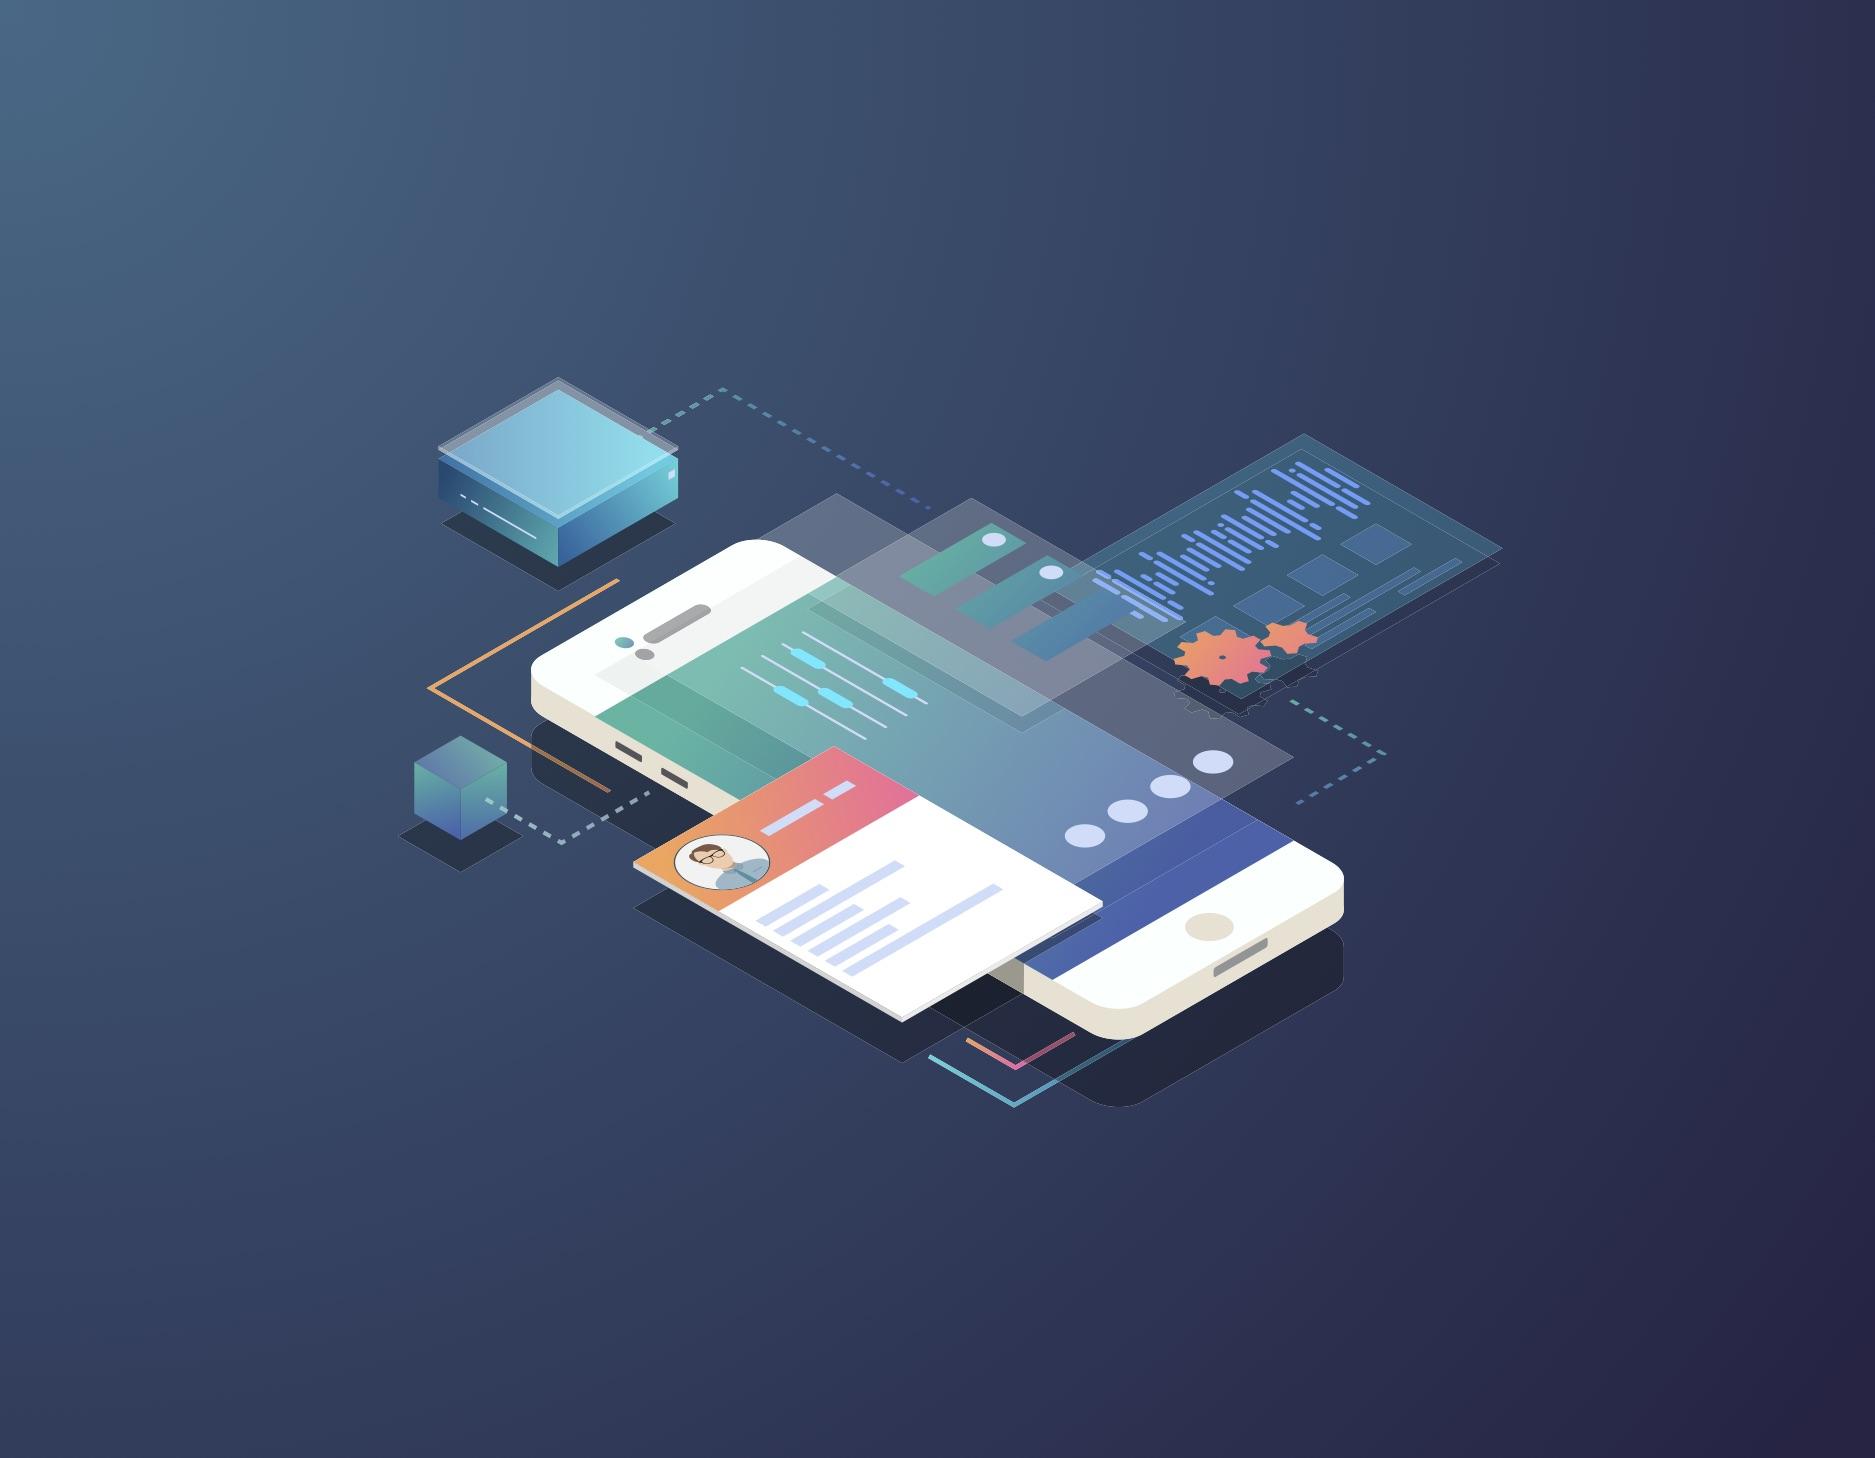 Ventajas de una aplicación móvil nativa